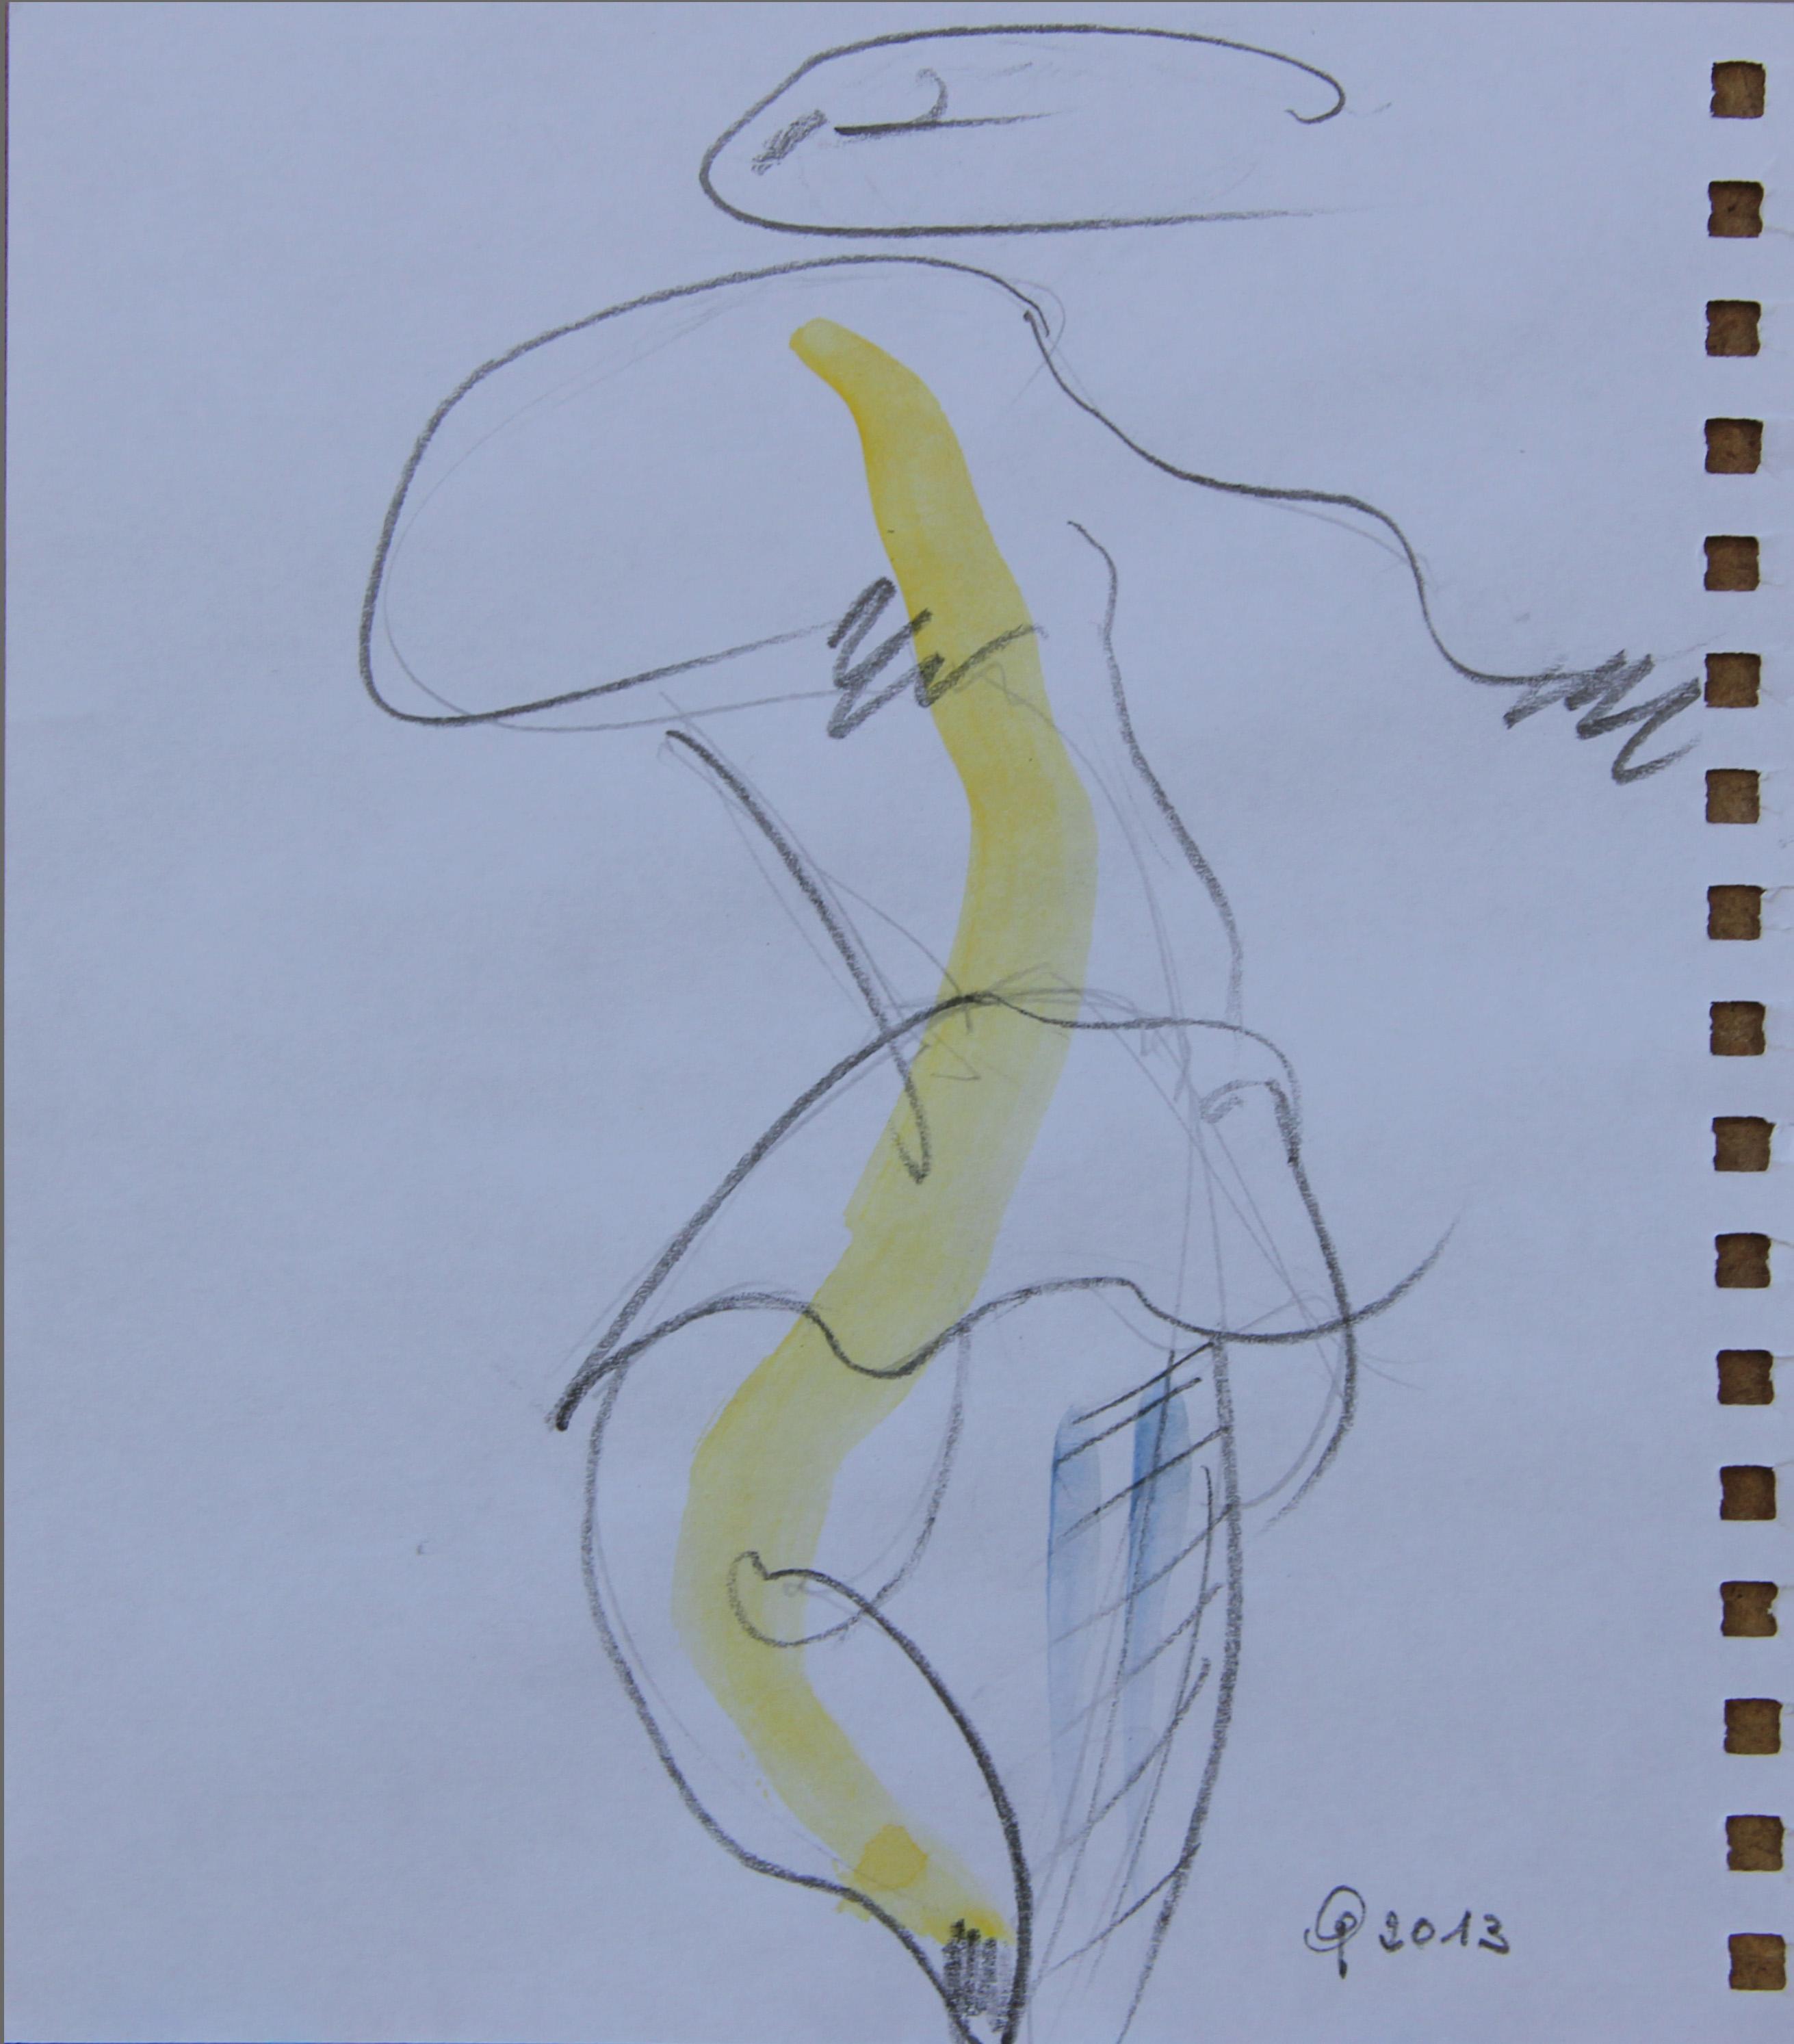 Ballerina, 2013 - acquerello  11x14 cm